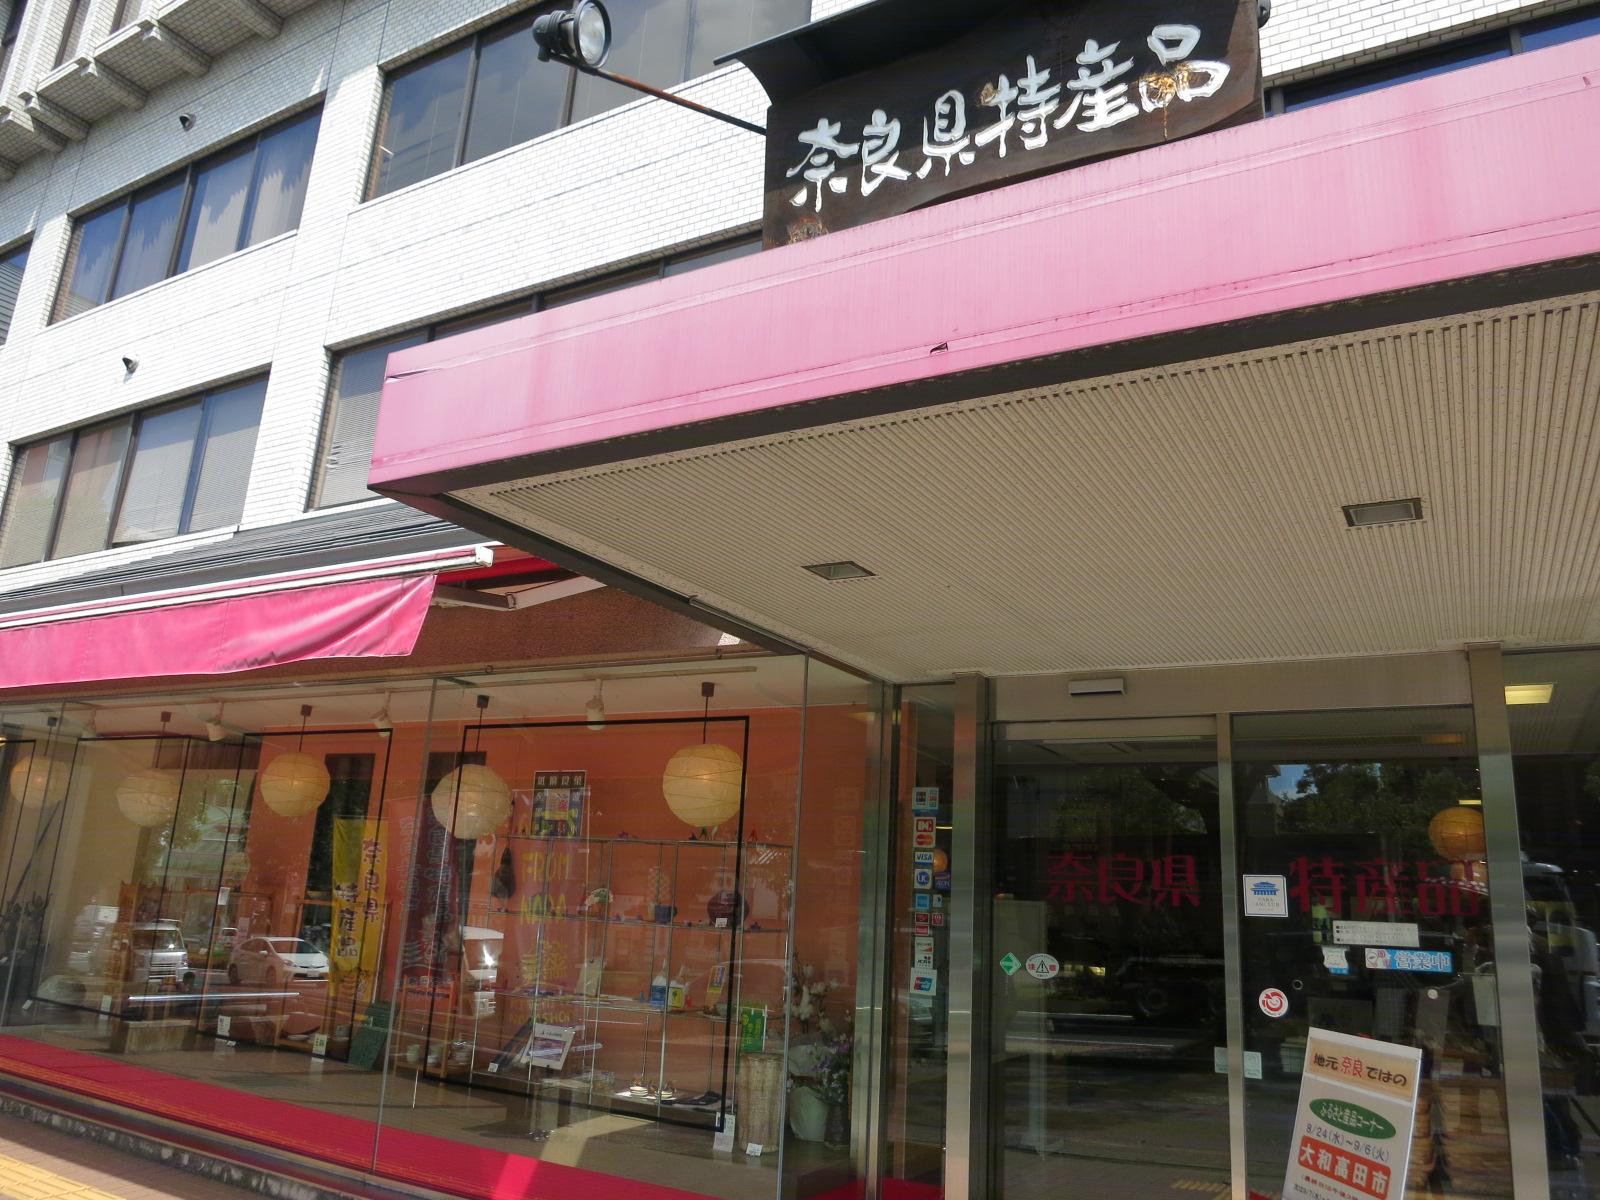 「きてみてならSHOP」では、奈良県特産品が買えます。店内を見て回るだけでも楽しめました。